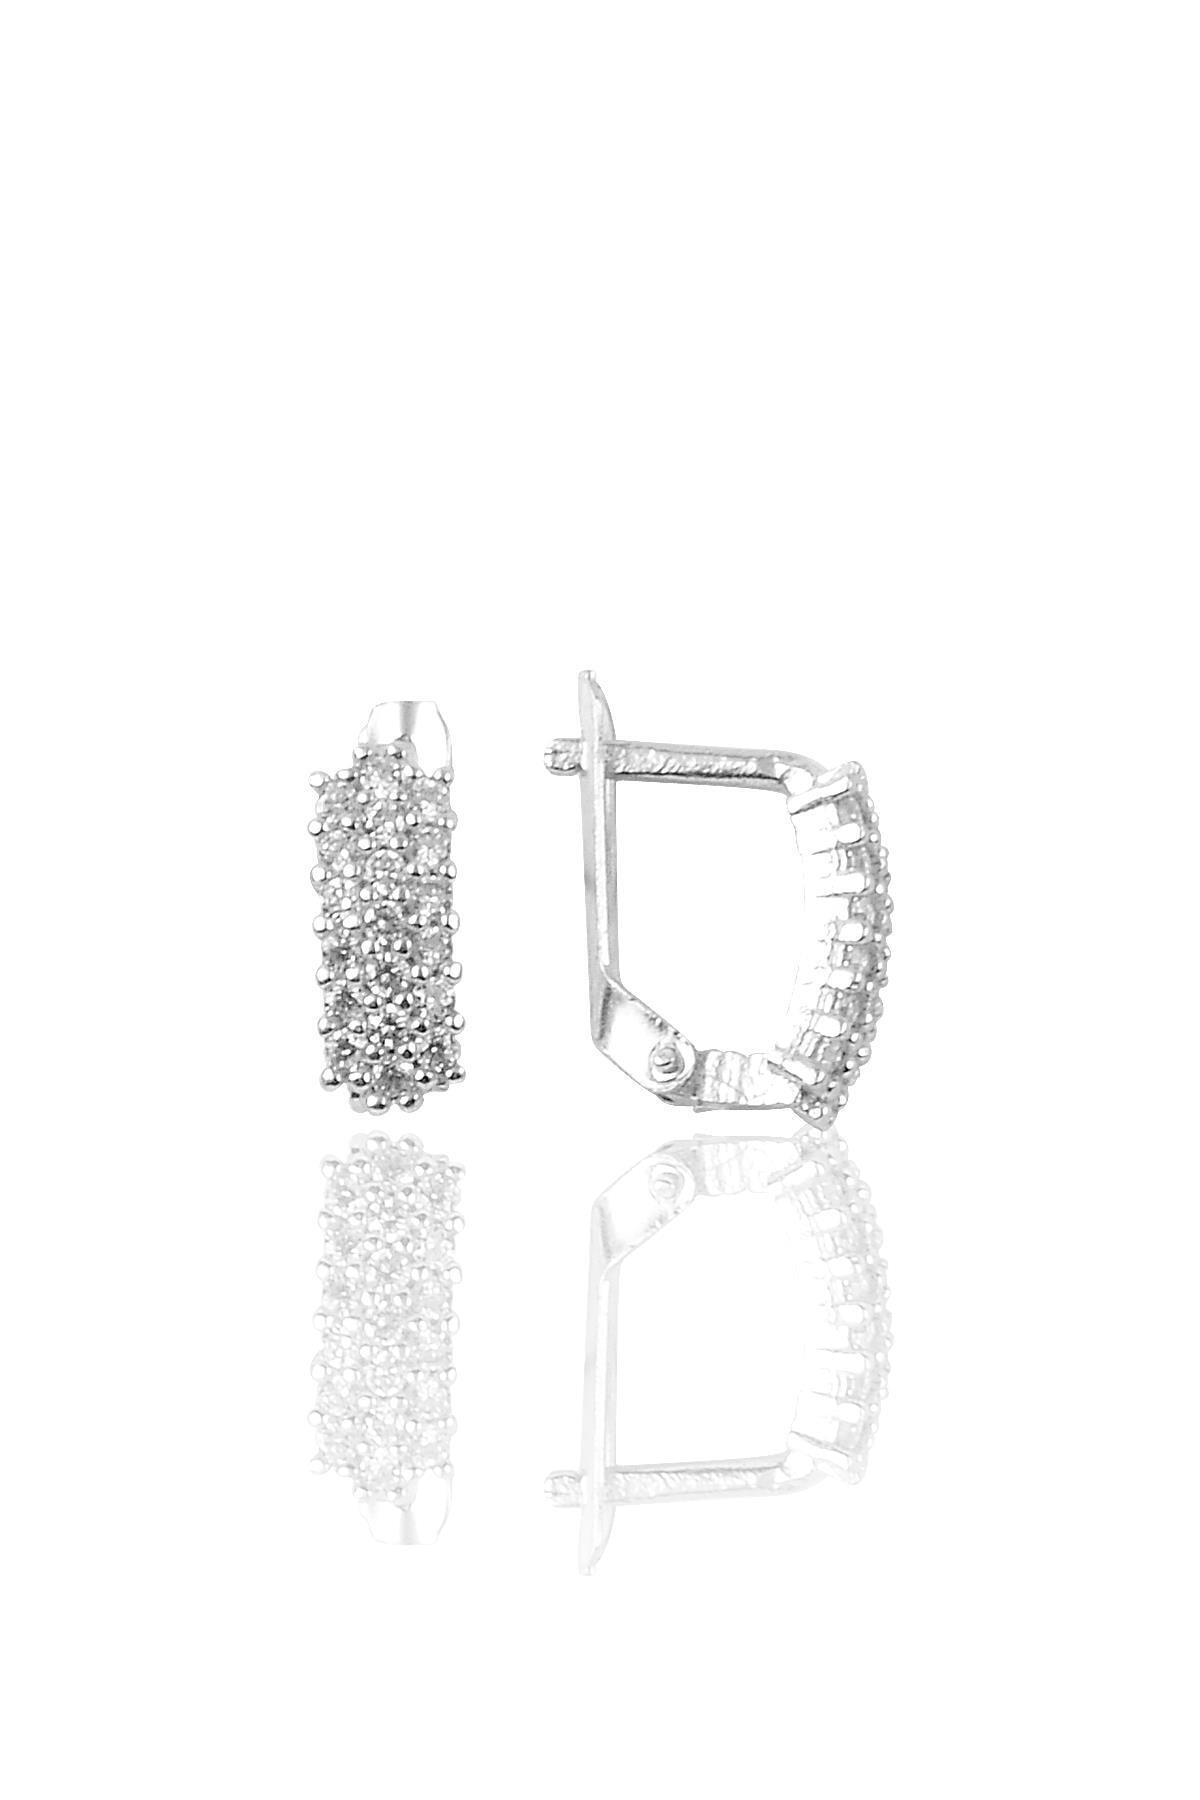 Söğütlü Silver Gümüş Zirkon Taşlı J Küpe 1